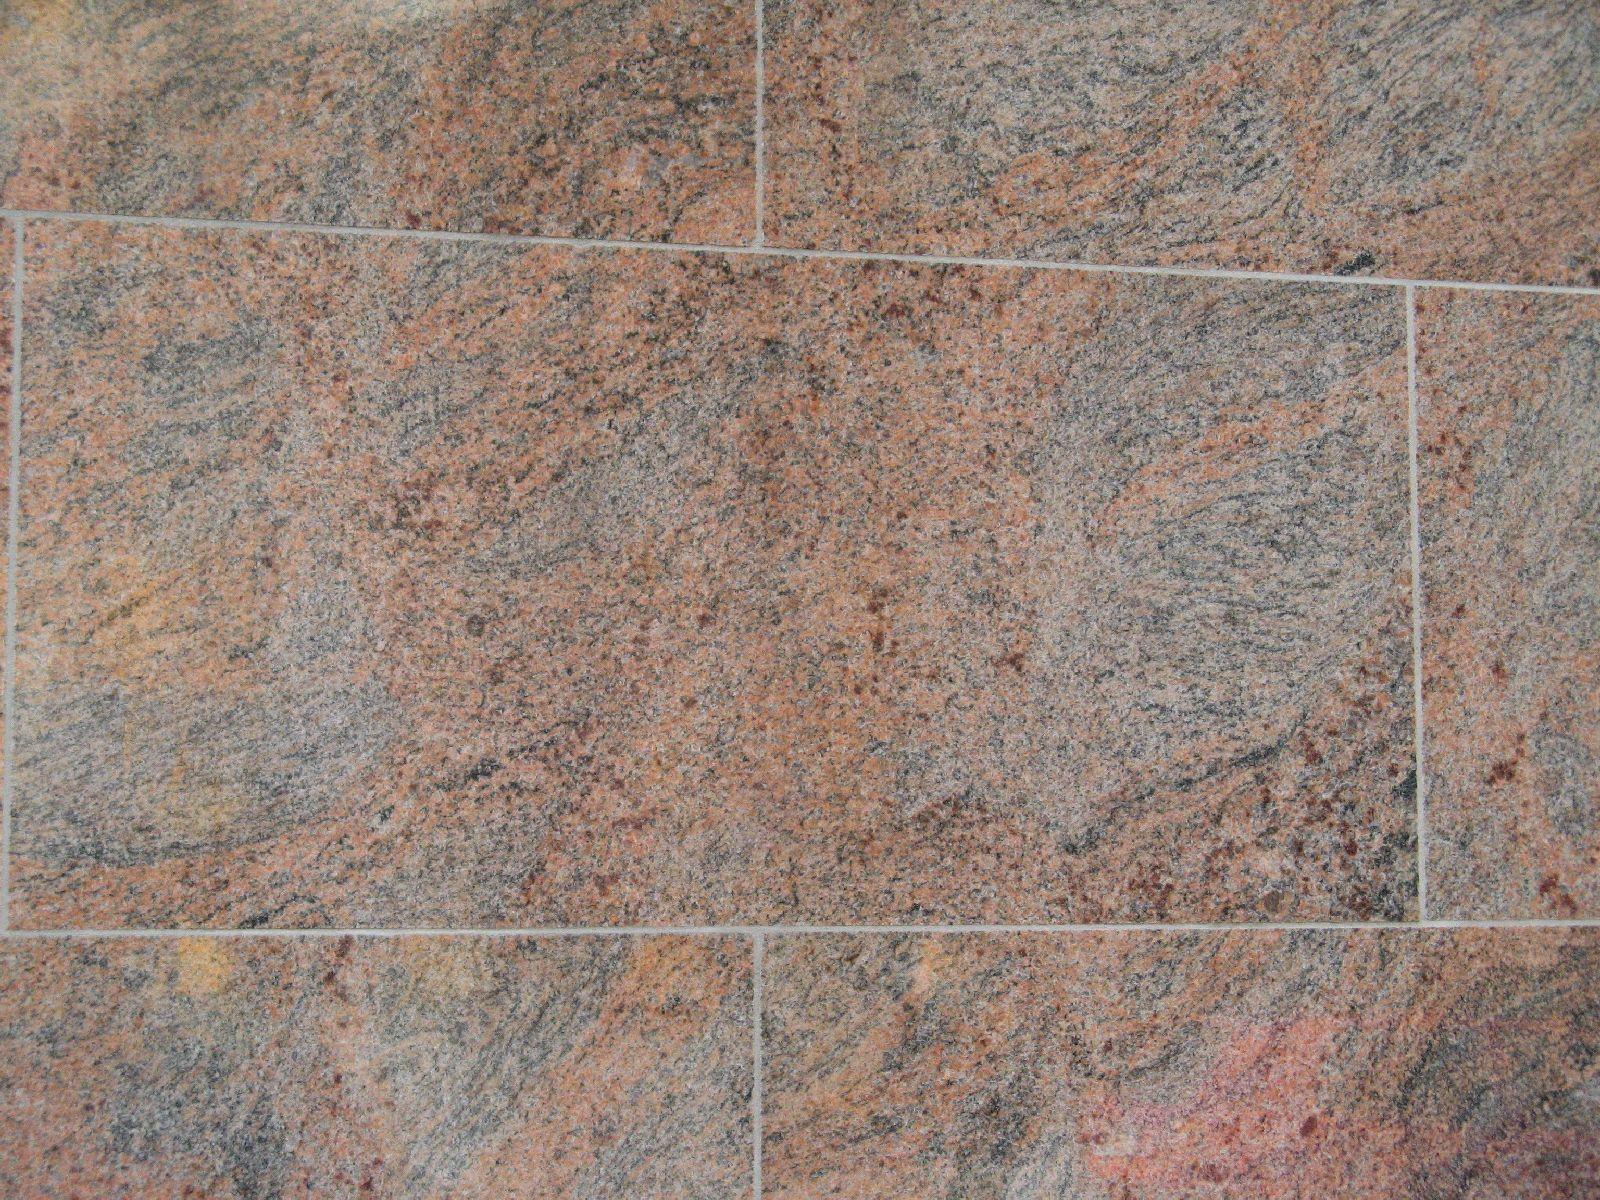 Ground-Urban_Texture_B_00668